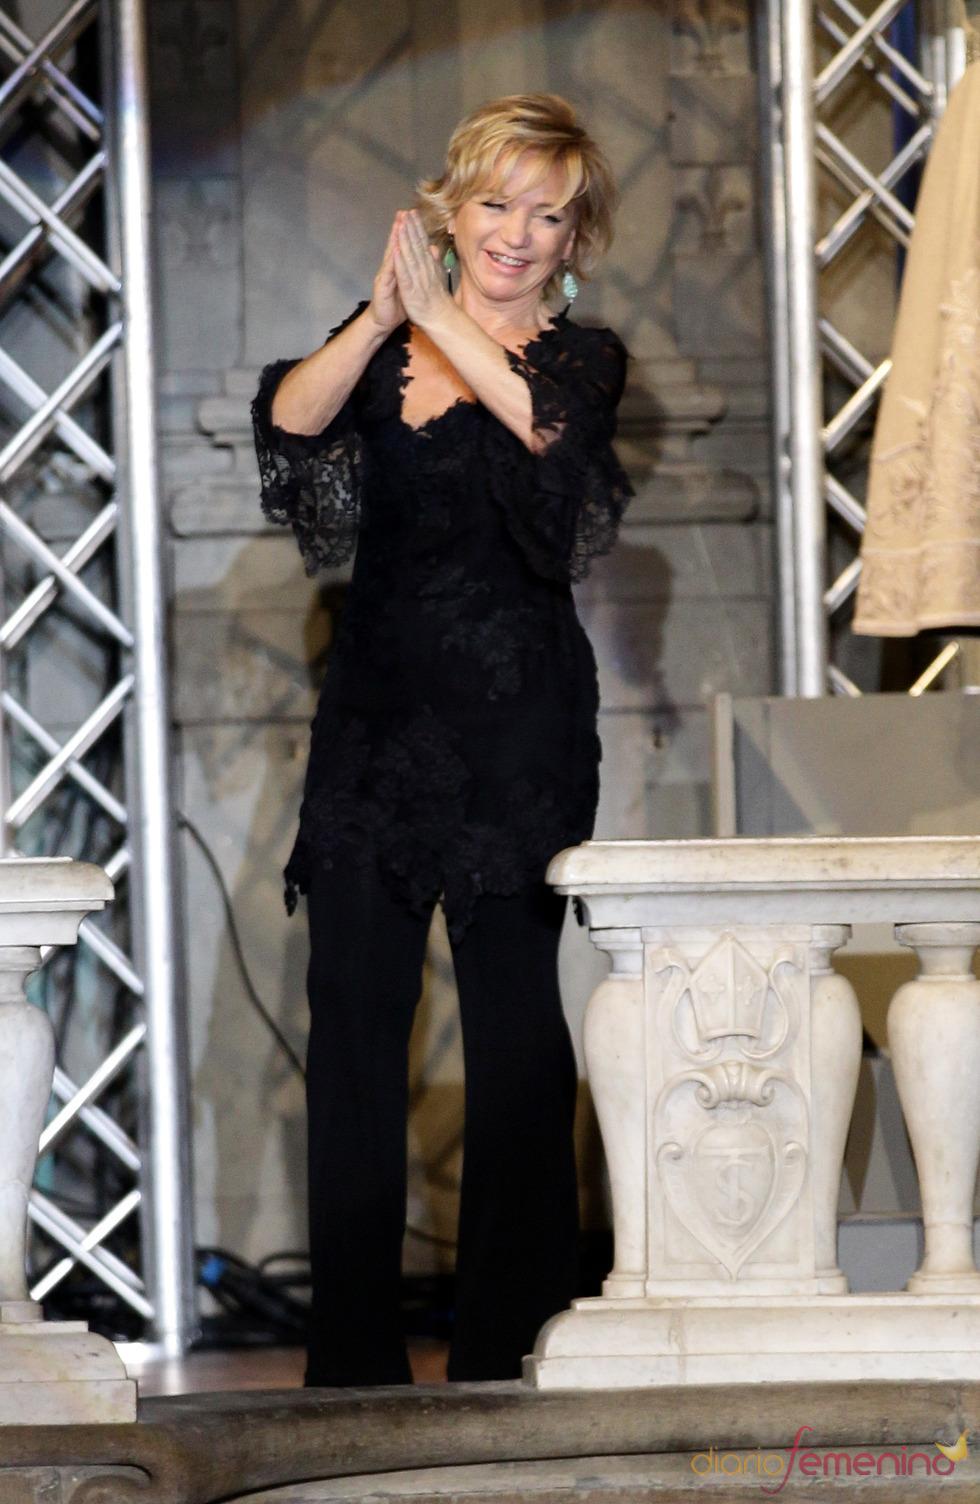 Alberta Ferretti aclamada después del desfile en la Pitti Uomo 79